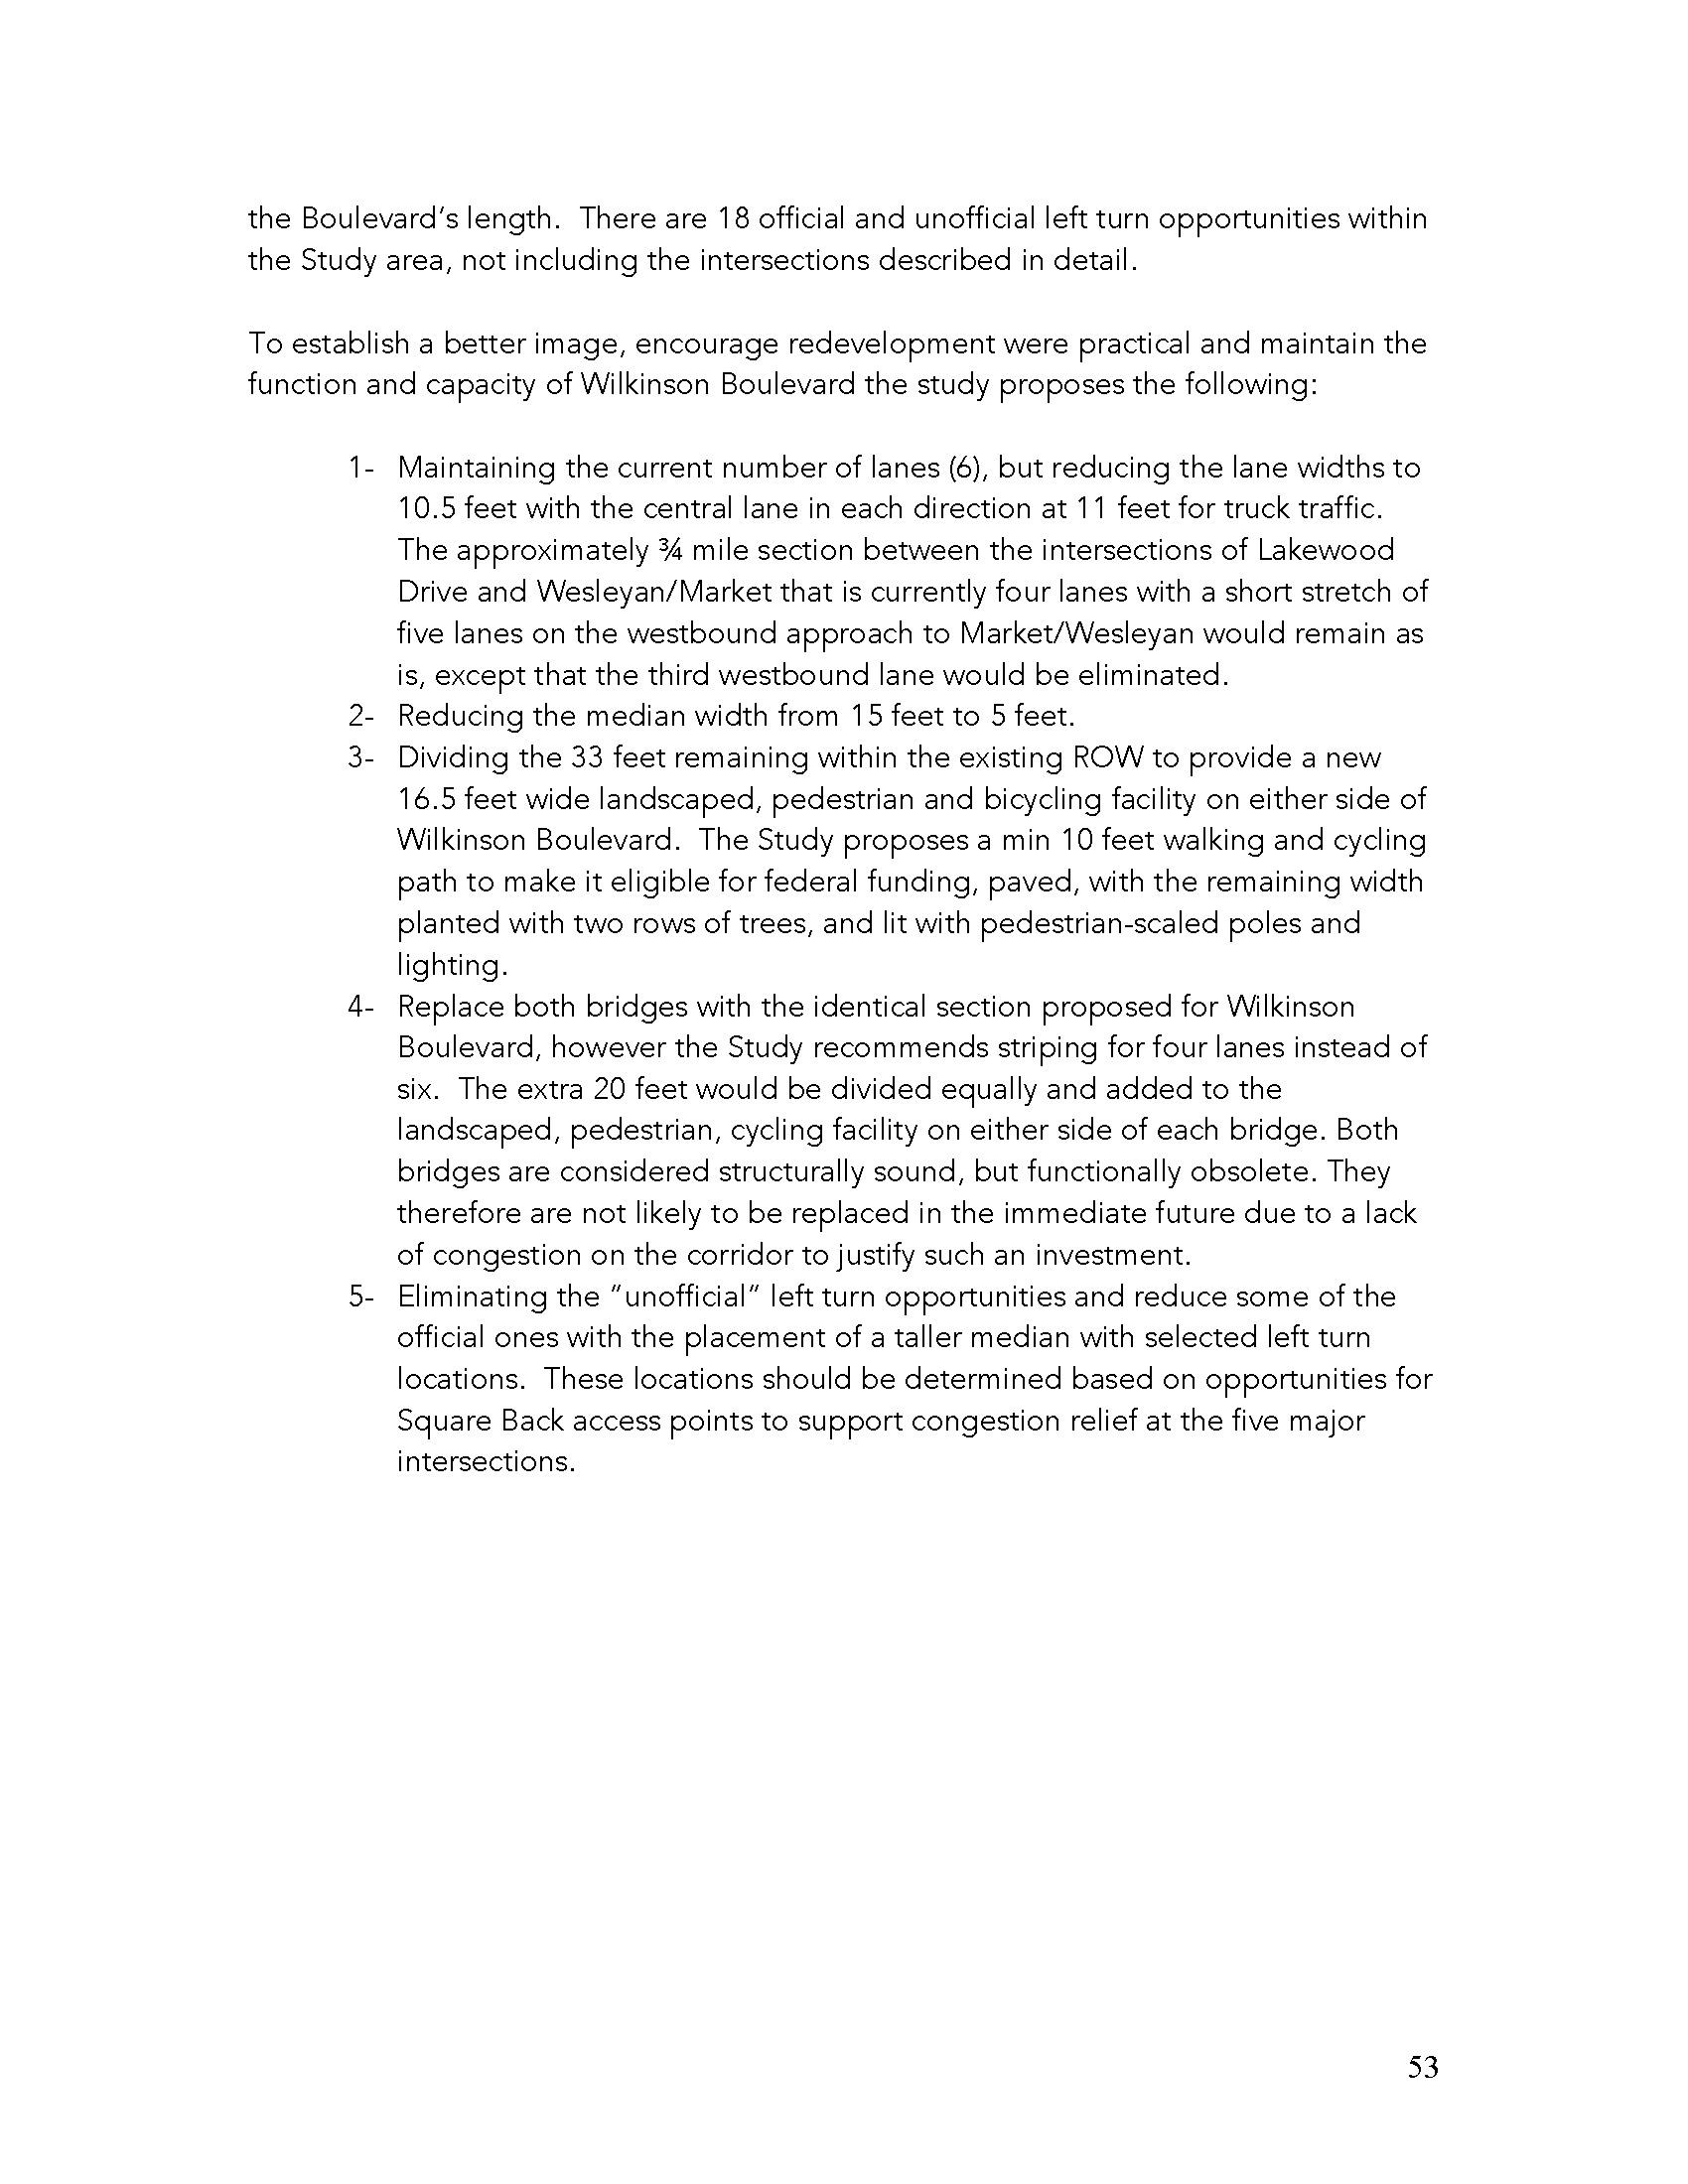 1 WilkinsonBlvd Draft Report 1-22-15 RH_Peter Edit_Page_53.jpg